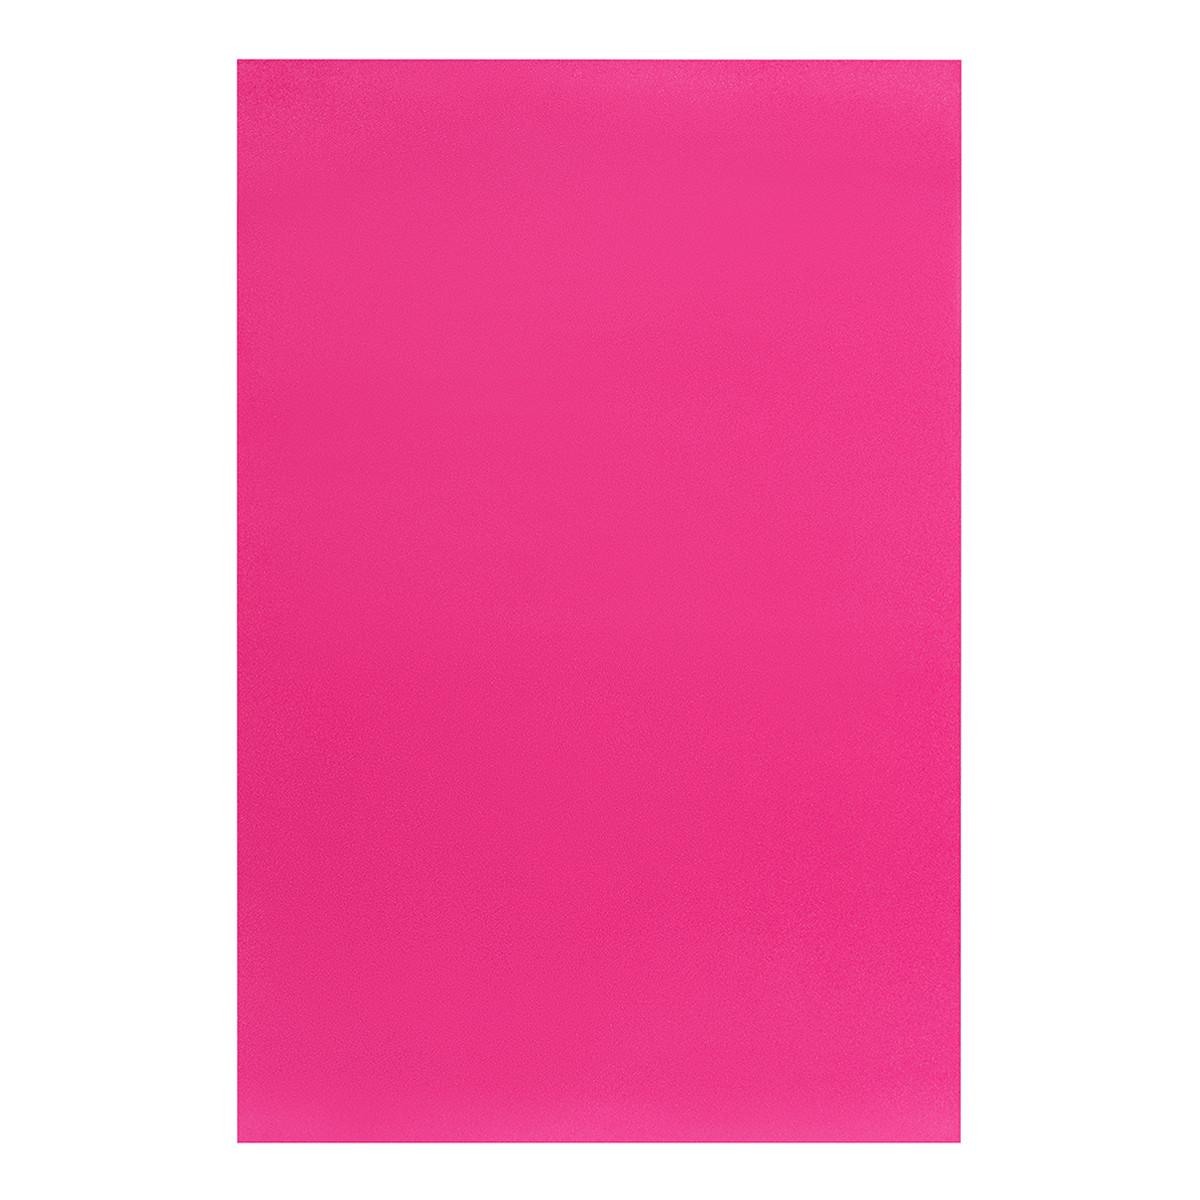 Фоамиран ЭВА темно-розовый, 200*300 мм, толщина 1,7 мм, 10 листов